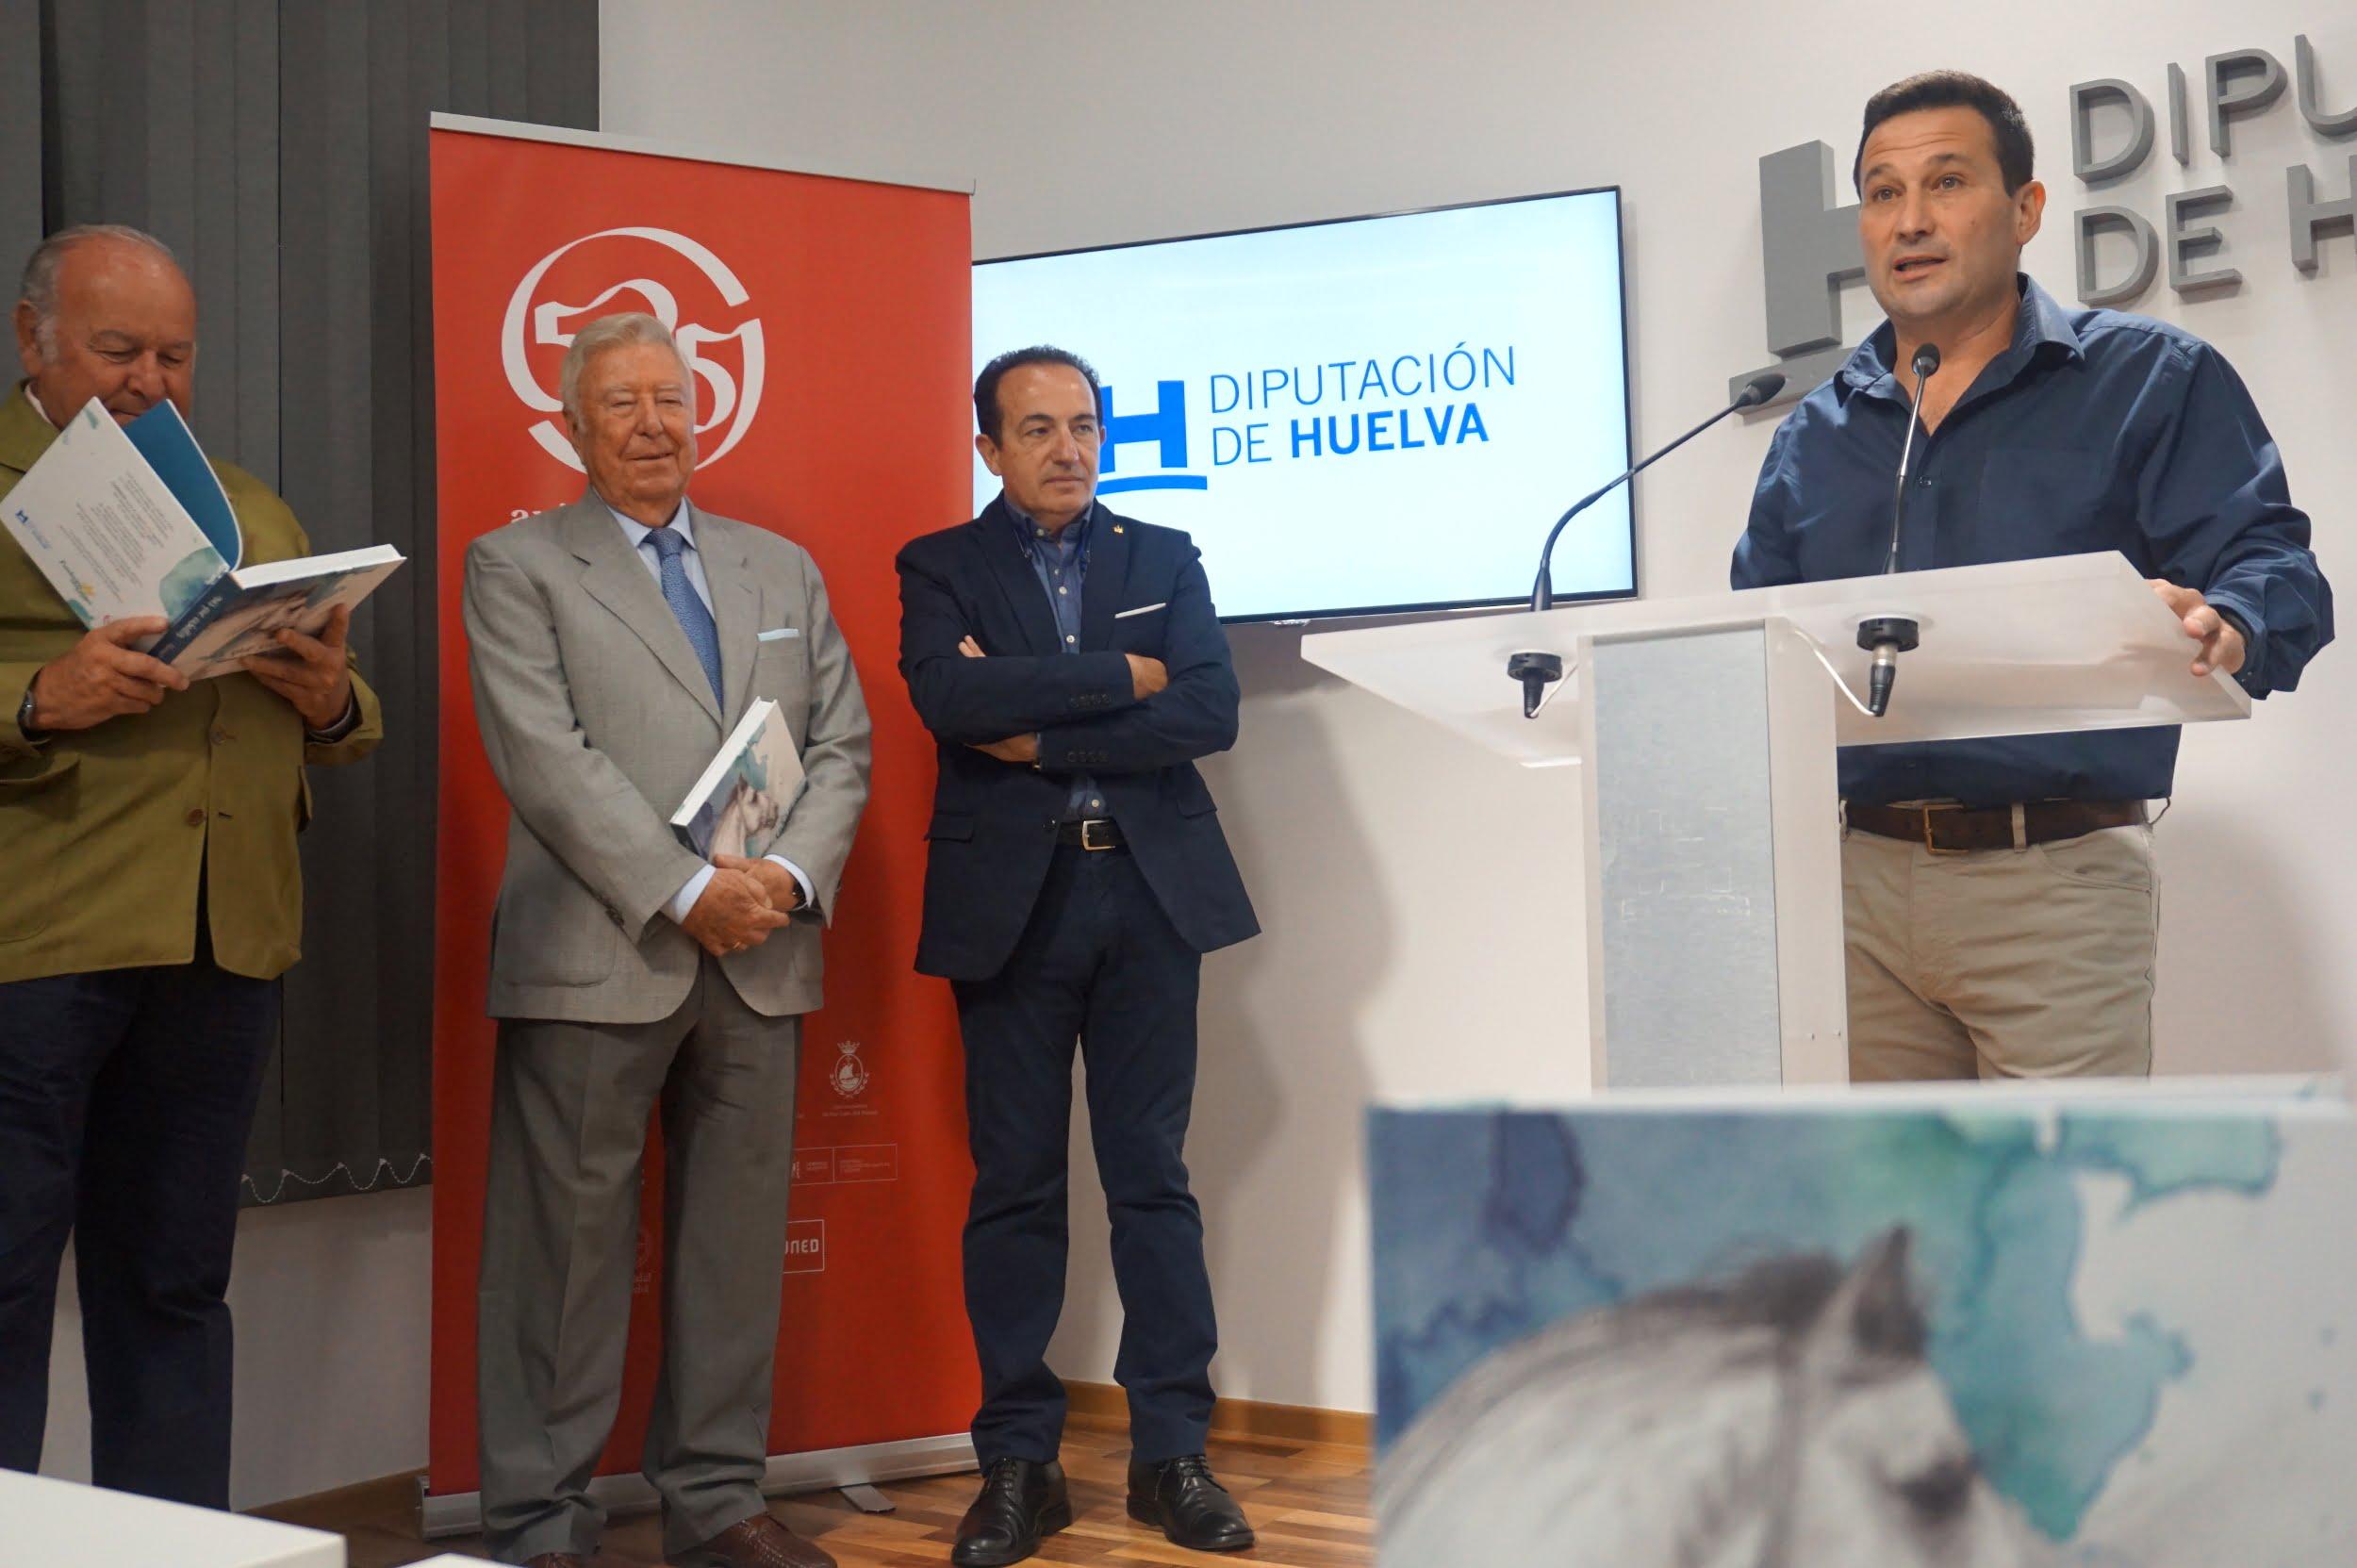 Alvaro Domecq junto a José Luis Garcia Palacios y Manuel Acosta mientras interviene el diputado, Ezequiel Ruiz.